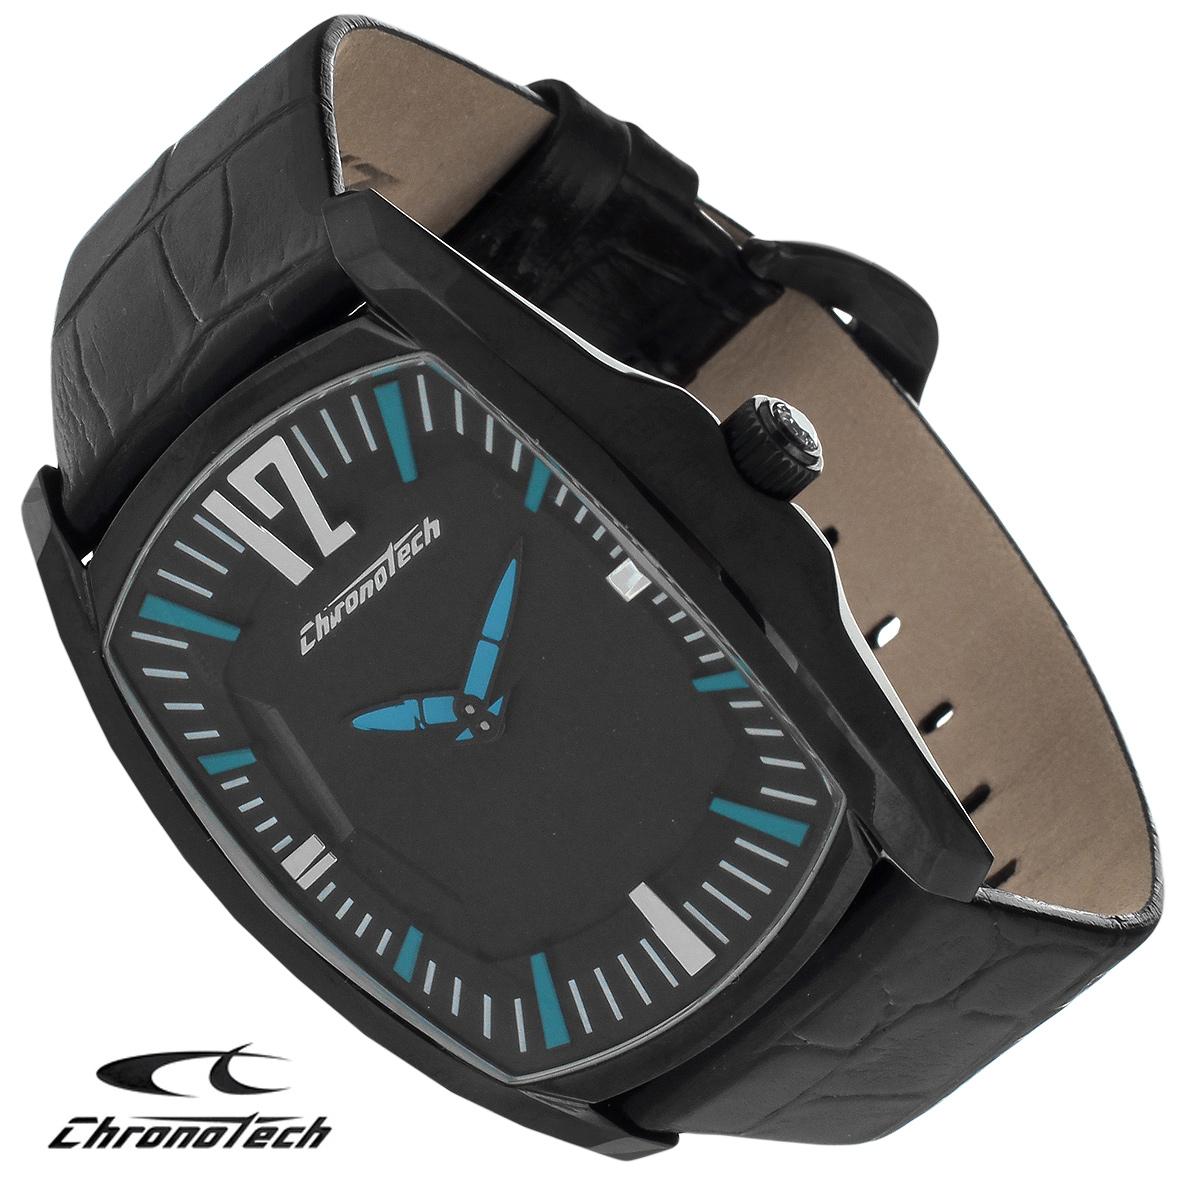 Часы мужские наручные Chronotech, цвет: черный. CT.7219M/10CT.7219M/10Часы Chronotech - это часы для современных и стильных людей, которые стремятся выделиться из толпы и подчеркнуть свою индивидуальность. Корпус часов выполнен из нержавеющей стали с покрытием. Циферблат оформлен арабскими цифрами и отметками и защищен минеральным стеклом в форме призмы. Часы имеют две стрелки - часовую и минутную. Ремешок часов выполнен из натуральной кожи с тиснением и застегивается на классическую застежку. Часы упакованы в фирменную коробку с логотипом компании Chronotech. Такой аксессуар добавит вашему образу стиля и подчеркнет безупречный вкус своего владельца. Характеристики: Размер циферблата: 2,9 см х 4 см. Размер корпуса: 4 см х 5 см х 1,1 см. Длина ремешка (с корпусом): 24 см. Ширина ремешка: 2 см.